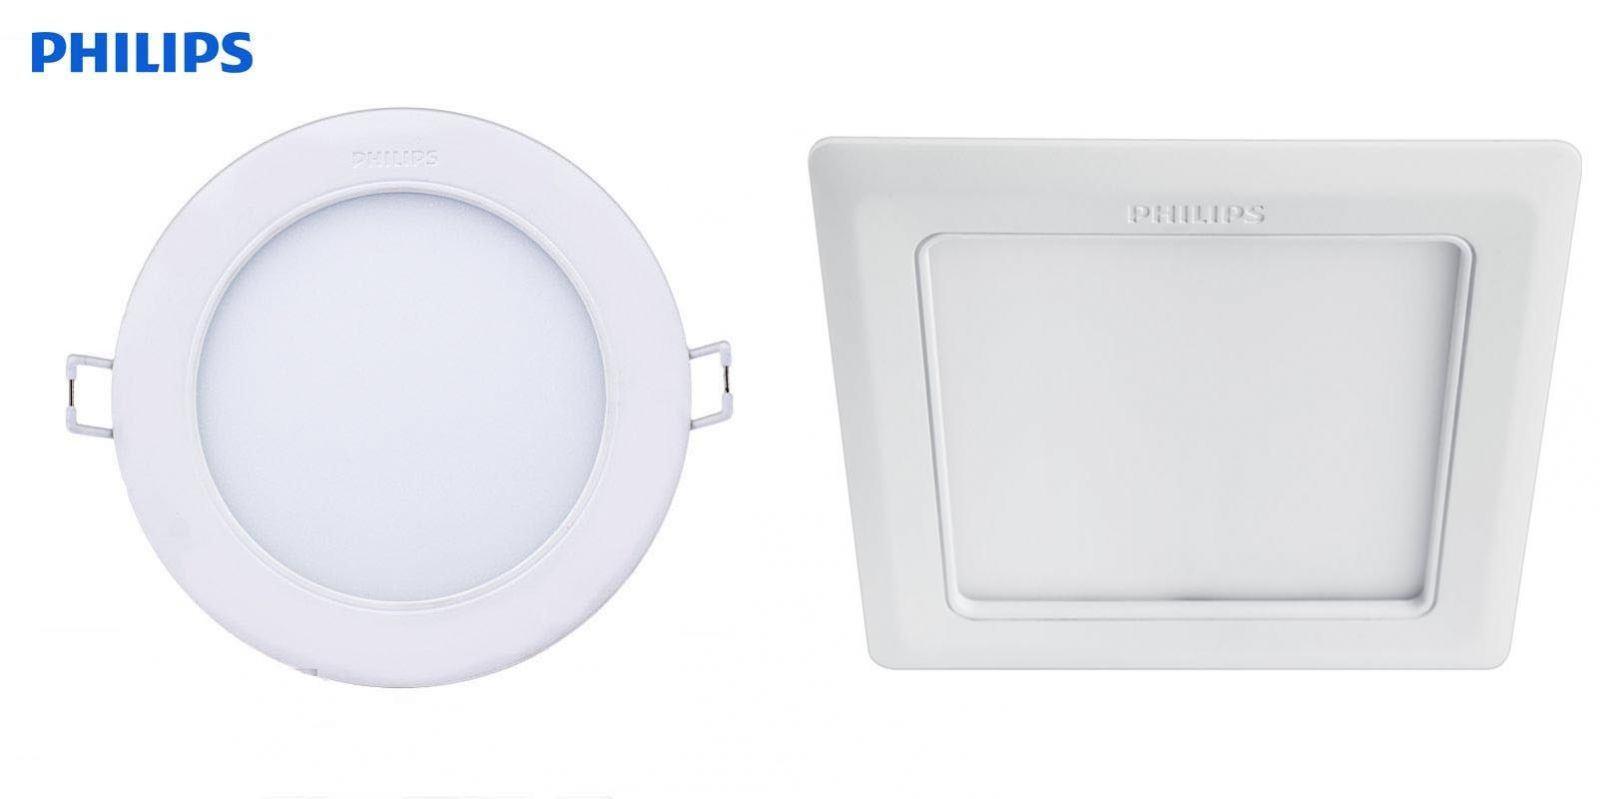 Đèn led âm trần loại nào tốt?Philips Marcasite